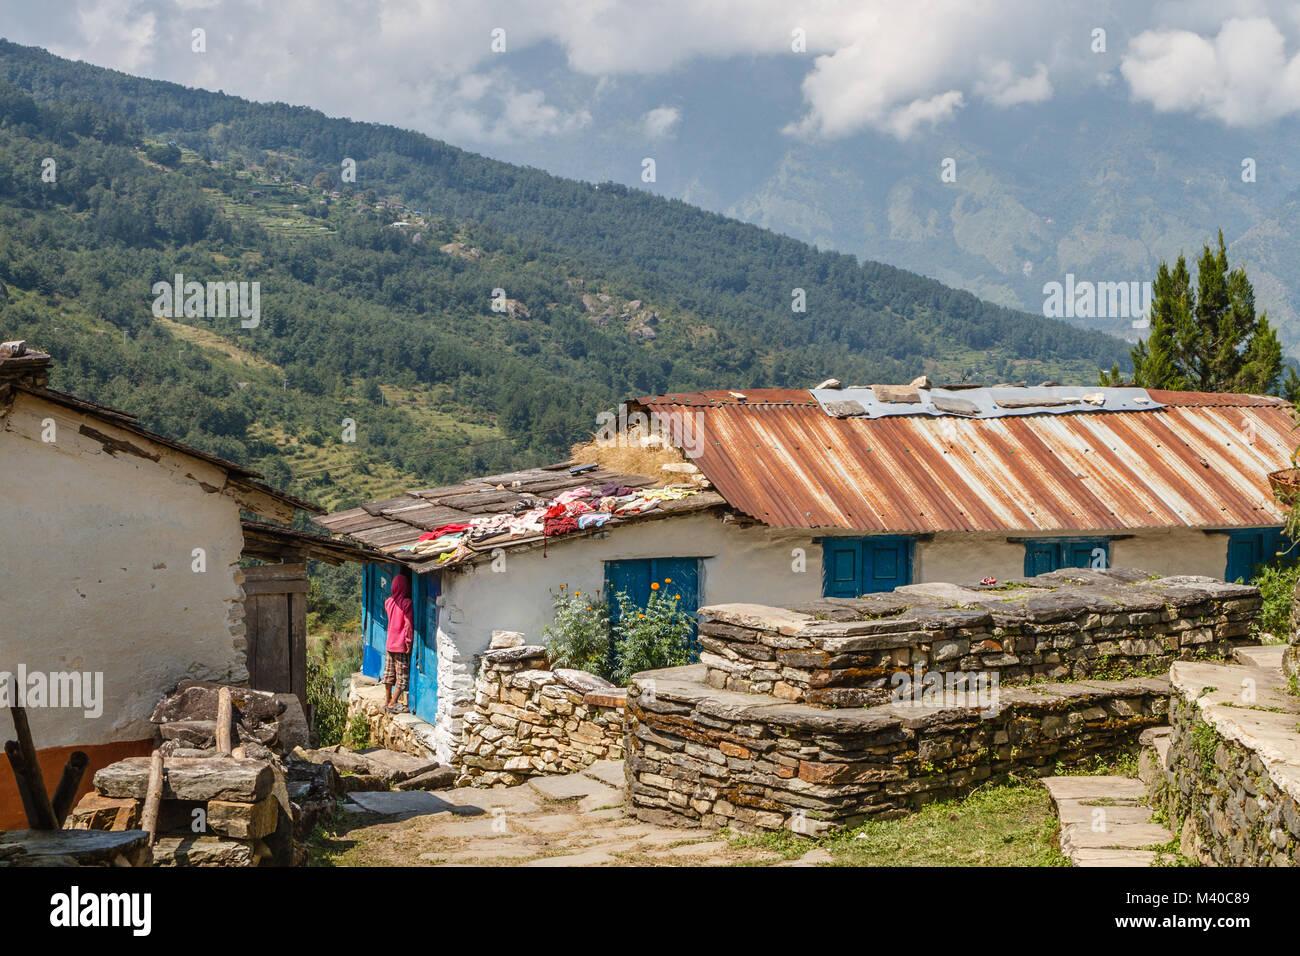 Case In Pietra Di Montagna : Case in pietra di shikha villaggio di montagna in himalaya vicino